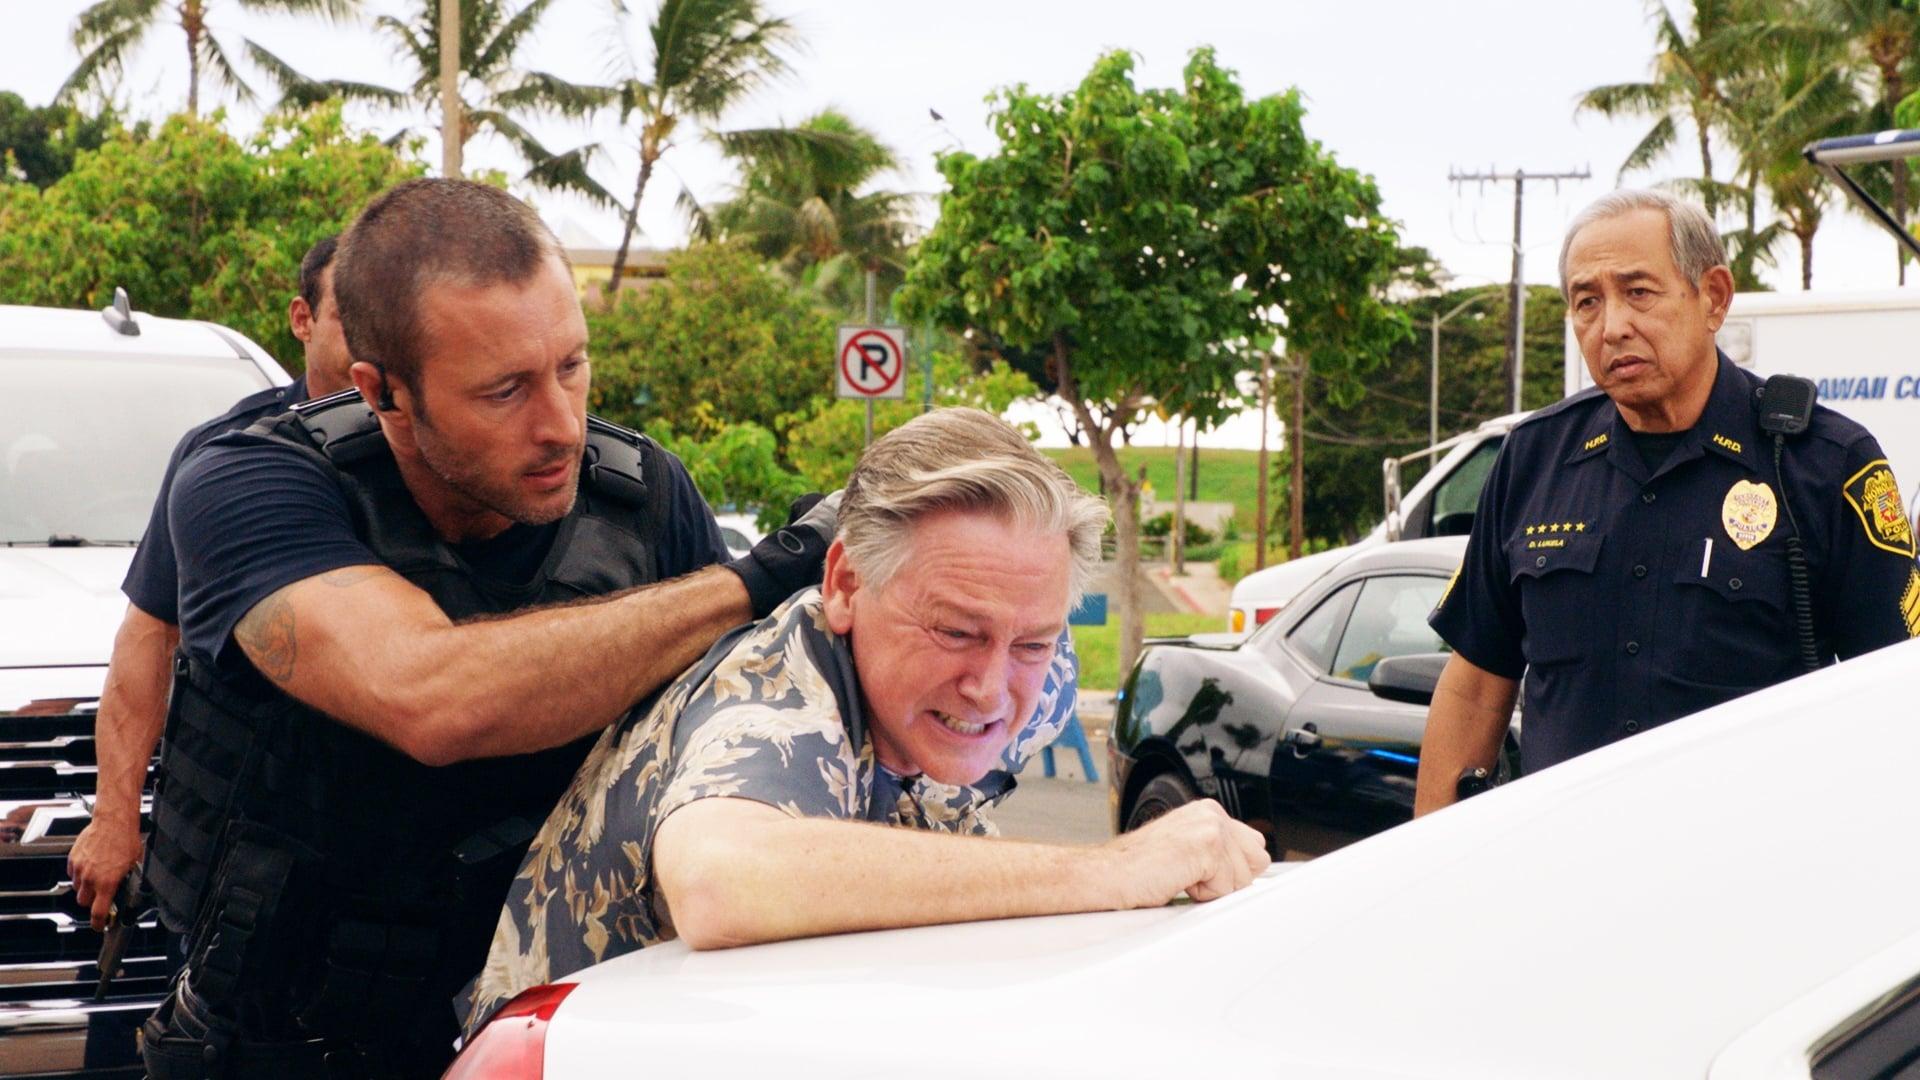 Hawaii Five-0 Season 8 :Episode 13  O Ka Mea Ua Hala, Ua Hala Ia (What is Gone is Gone)